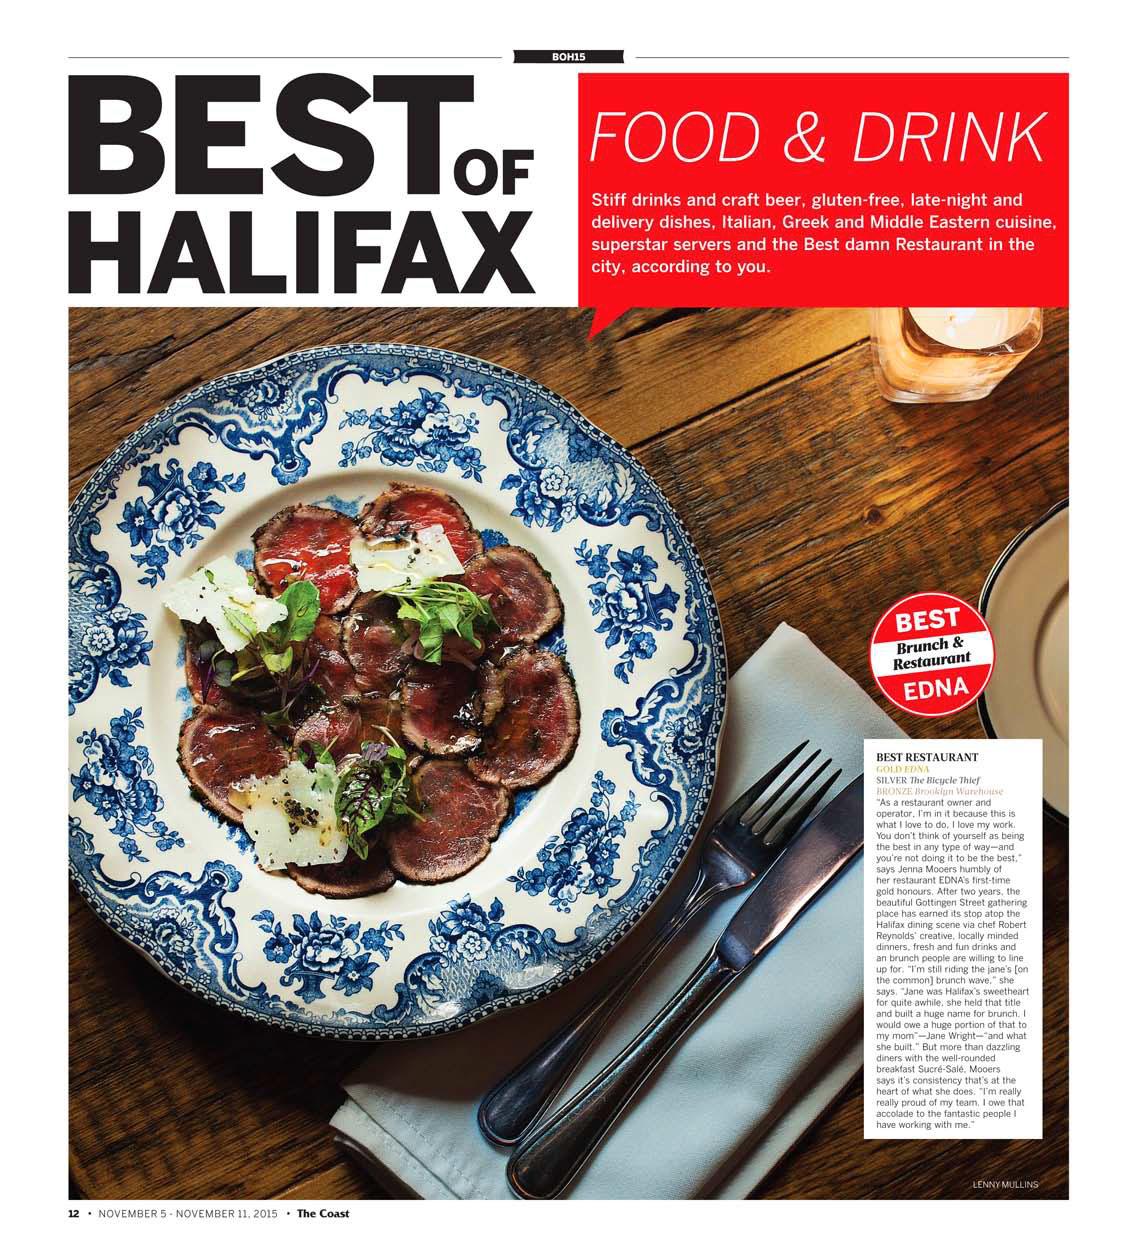 Best of Halifax